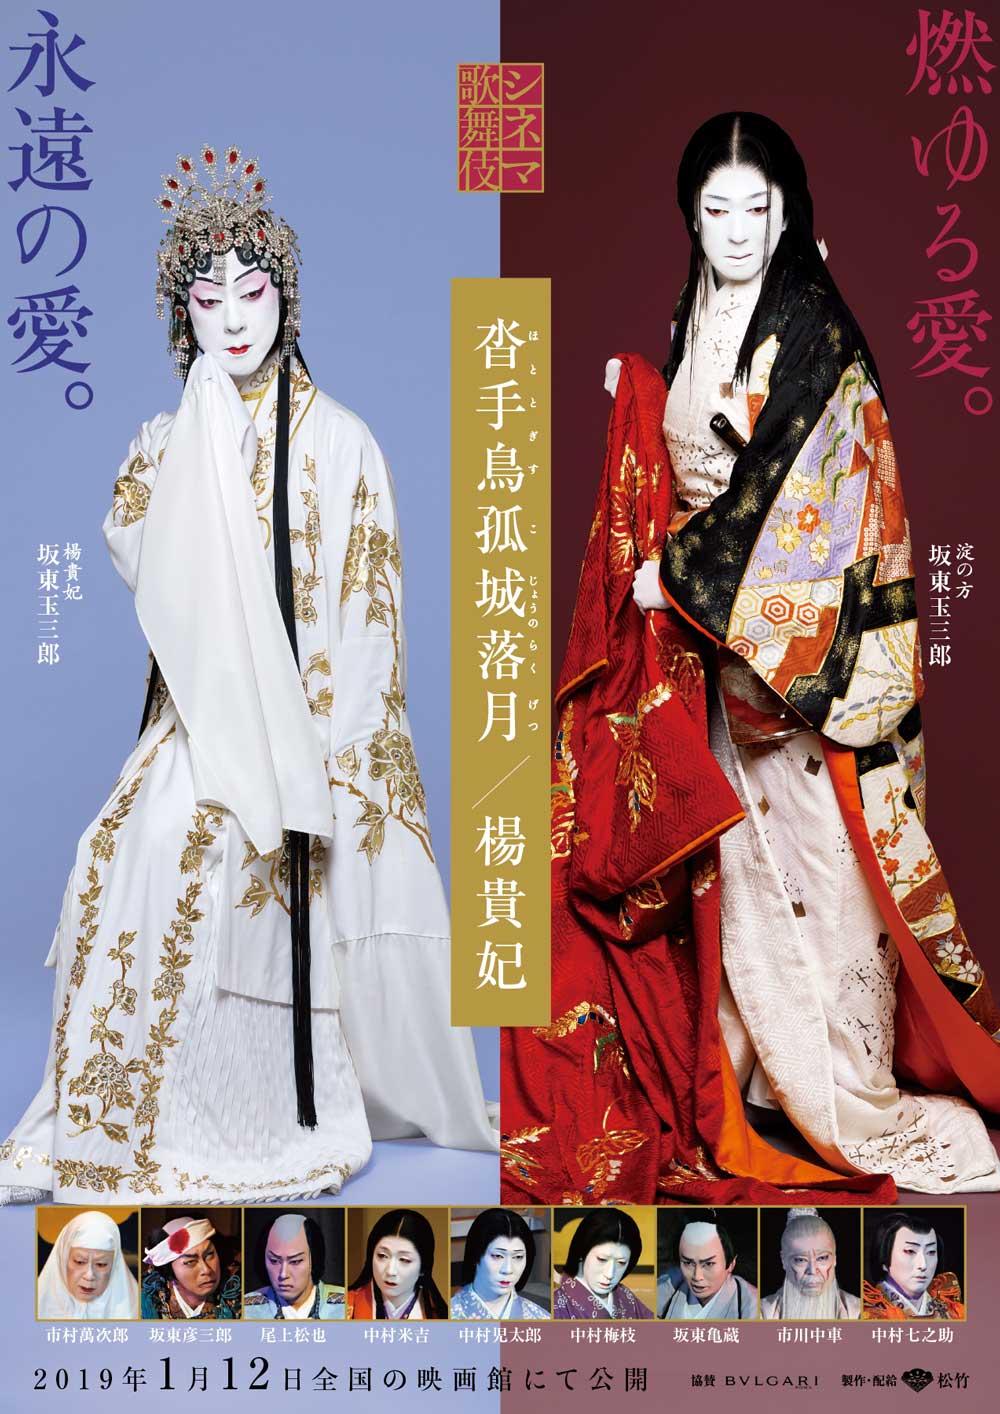 米吉、児太郎、シネマ歌舞伎『沓手鳥孤城落月/楊貴妃』舞台挨拶のお知らせ